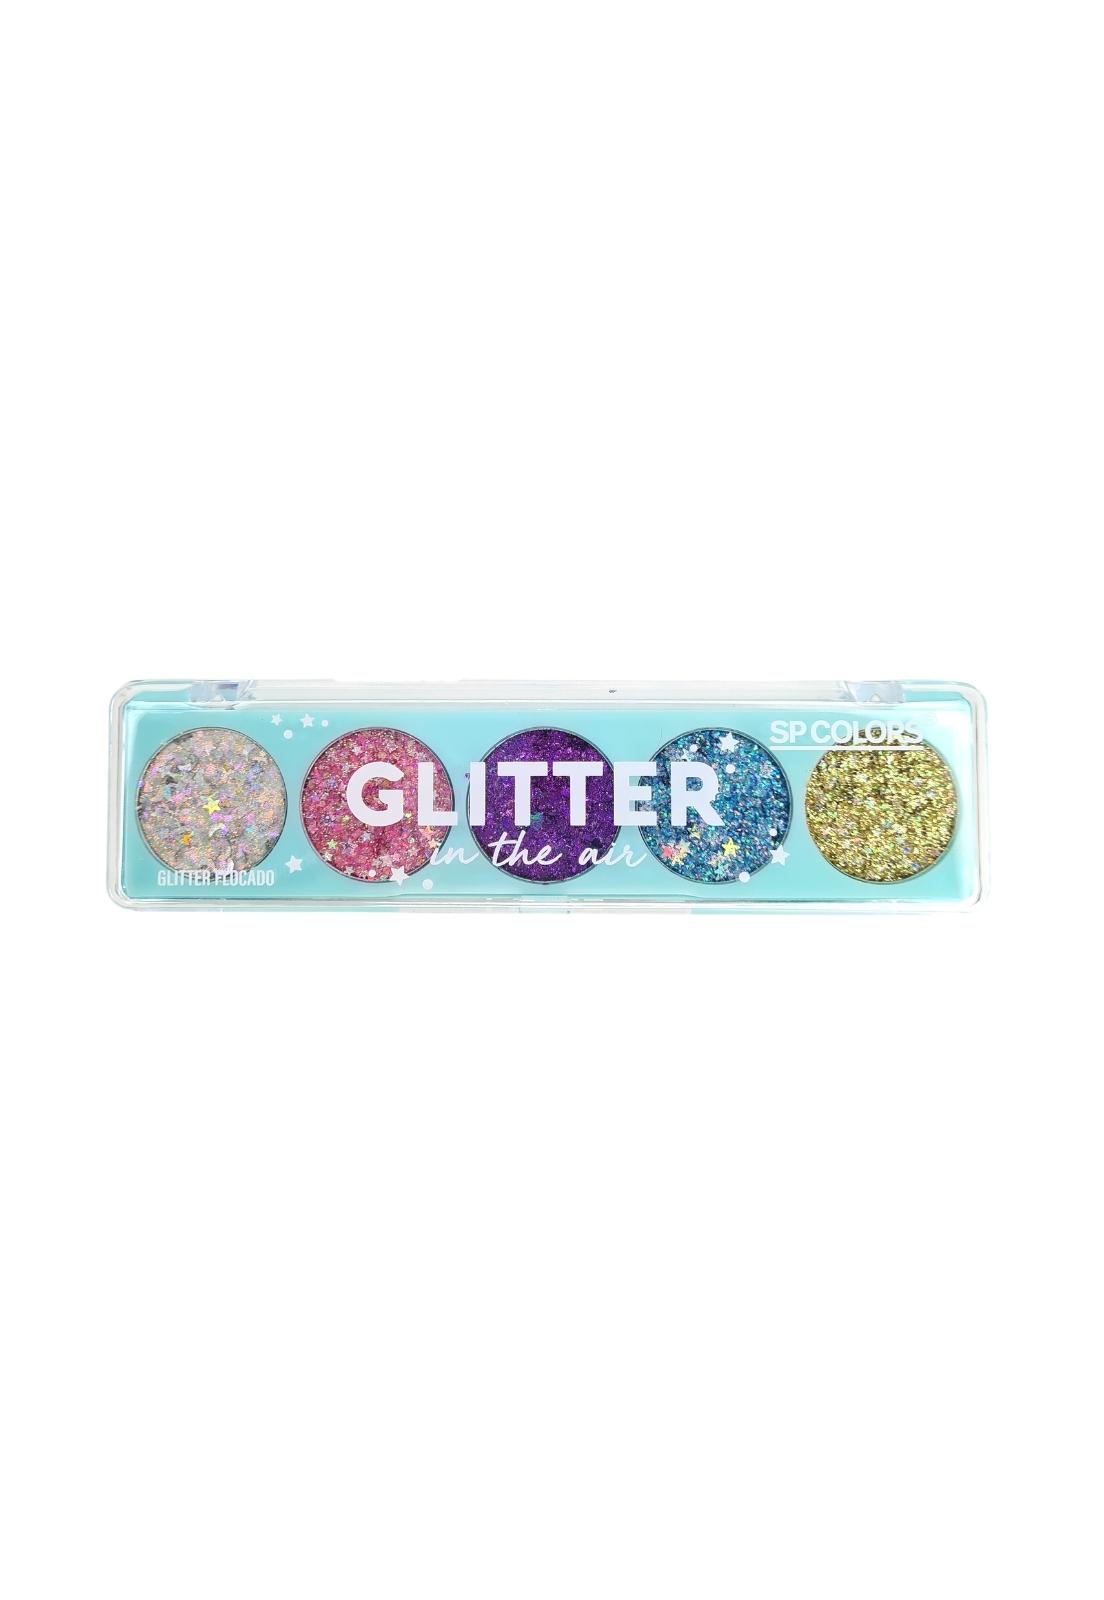 Paleta glitter in the air SP Colors